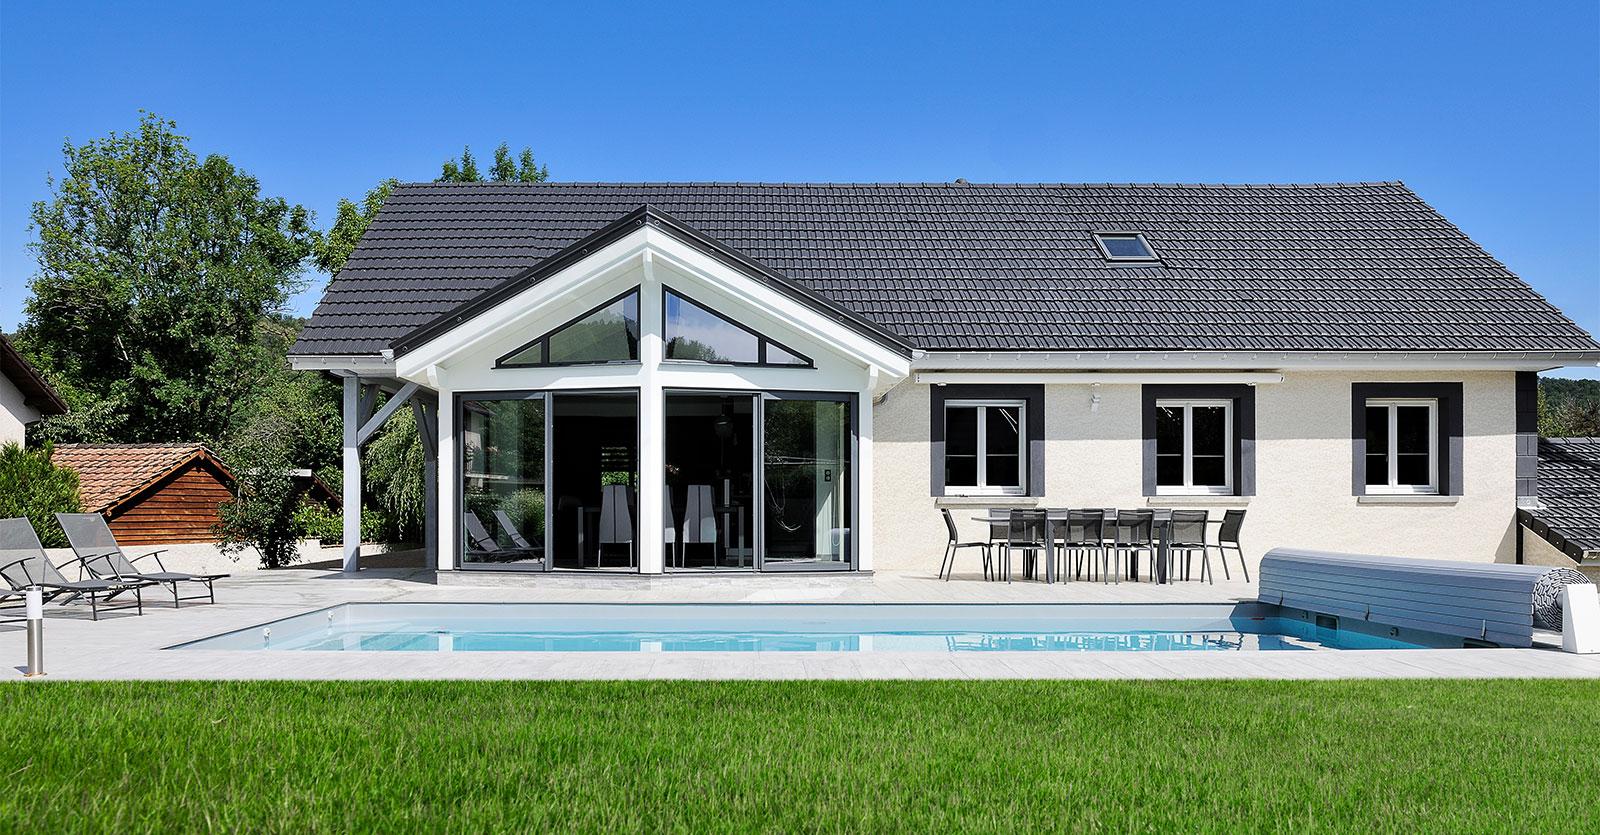 Ouvrir une franchise de construction de maison : les concepts rentables